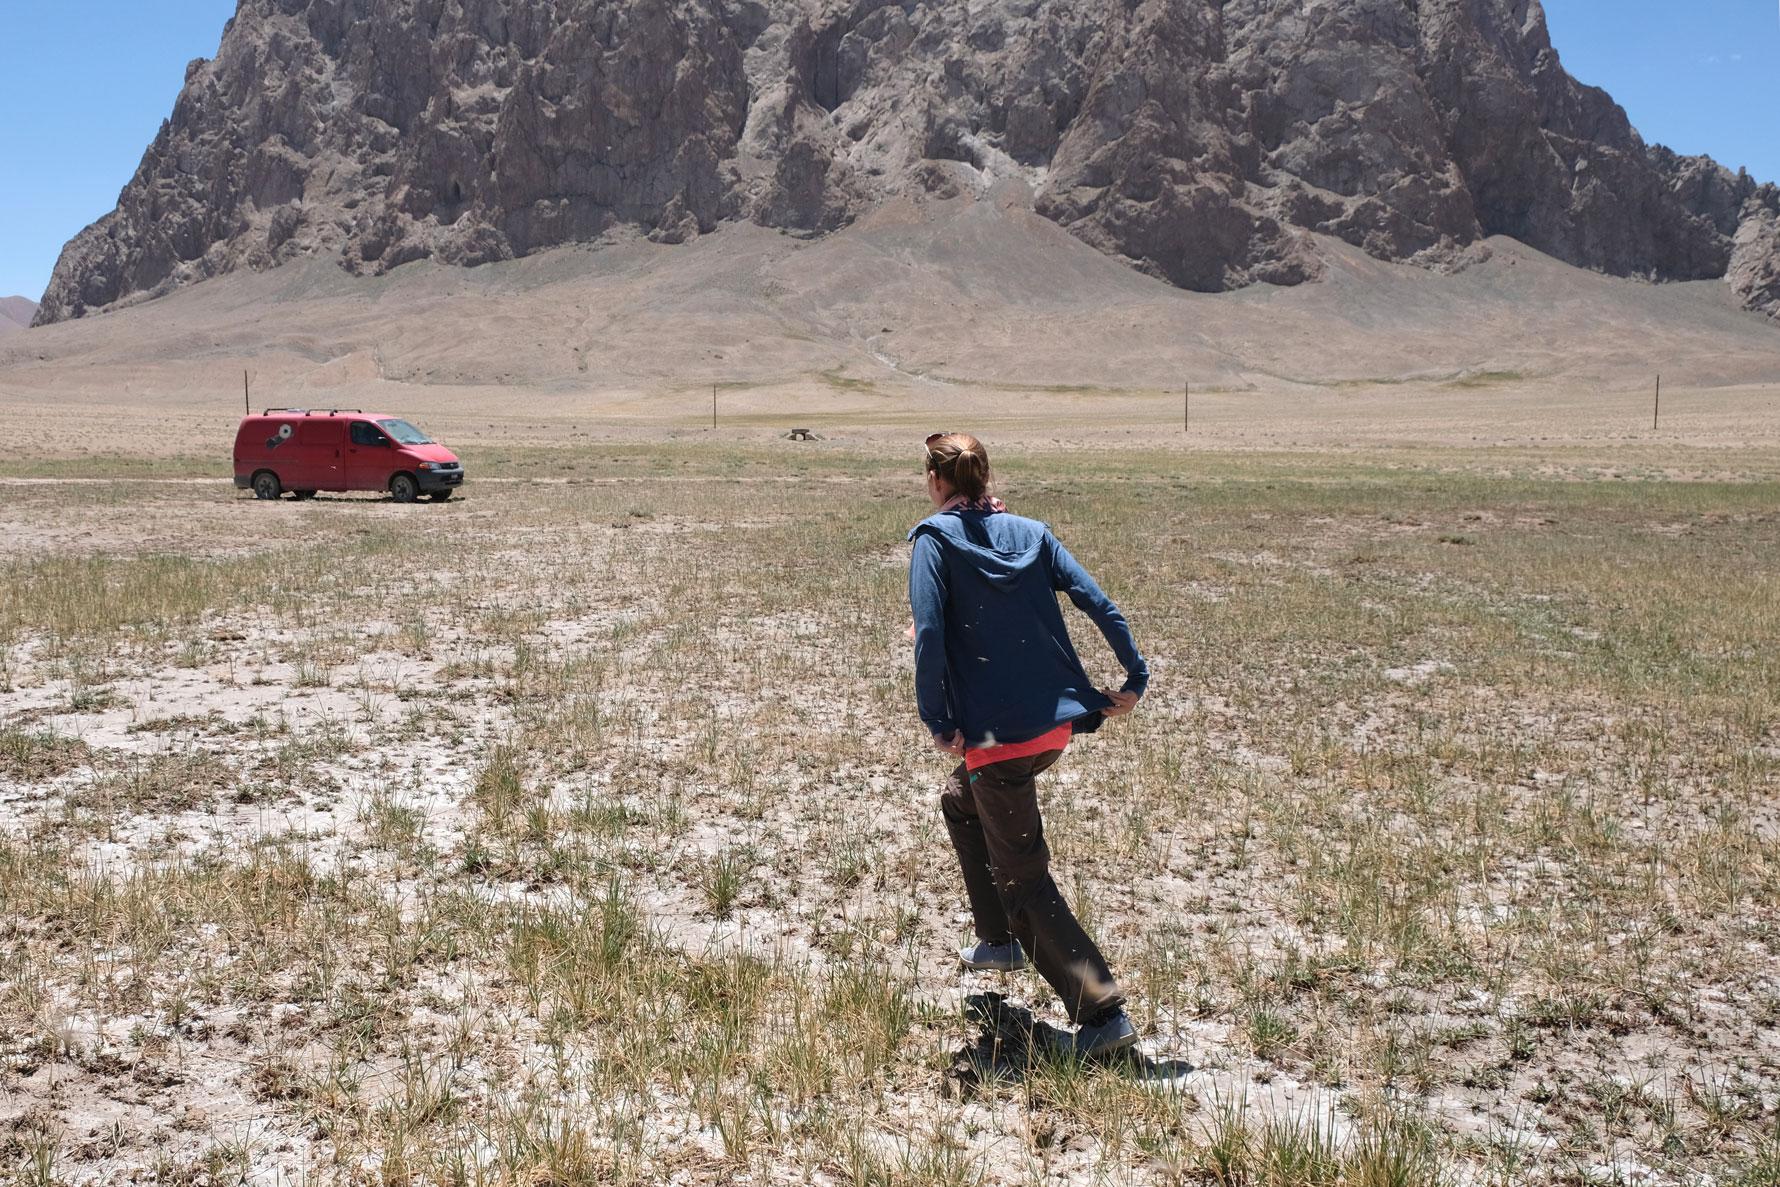 Leo flieht vor Stechmücken in Richtung eines Kleintransporters.